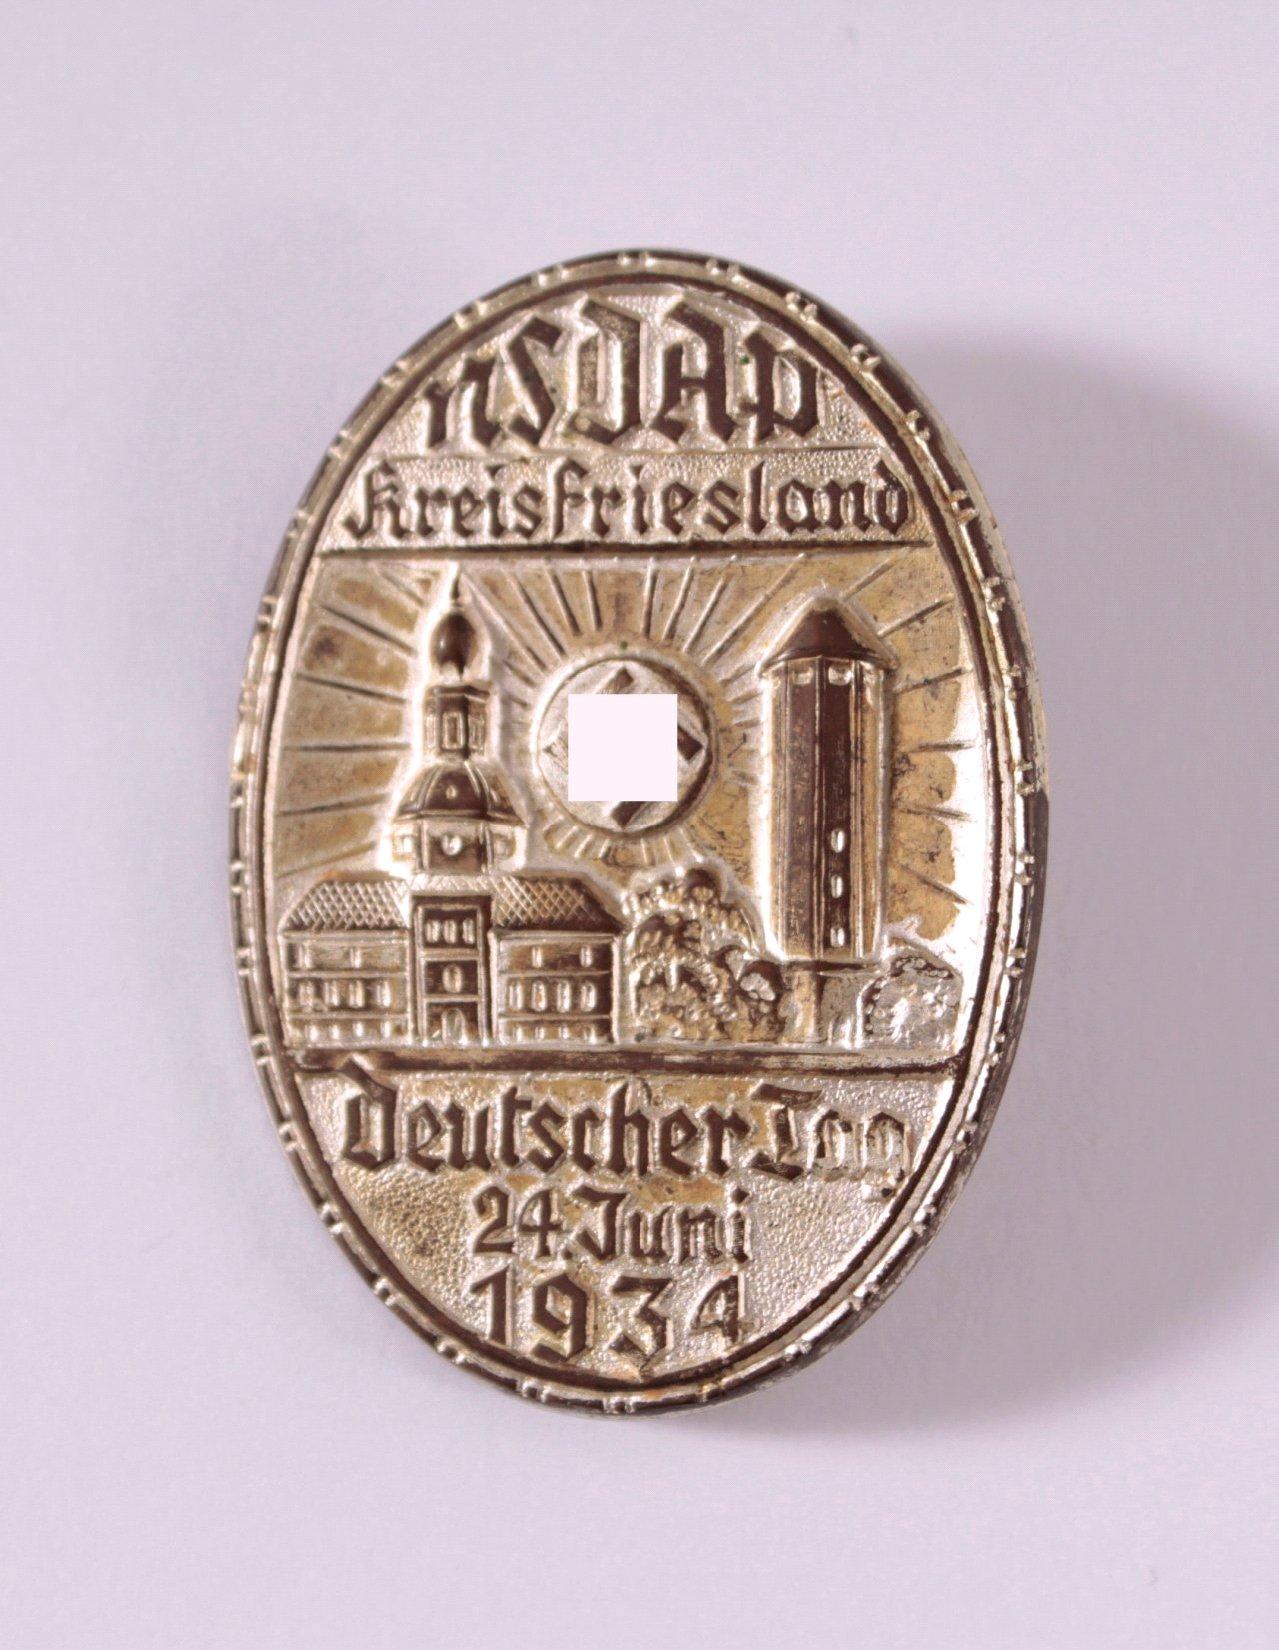 Abzeichen NSDAP Kreis Friesland, Deutscher Tag 1934